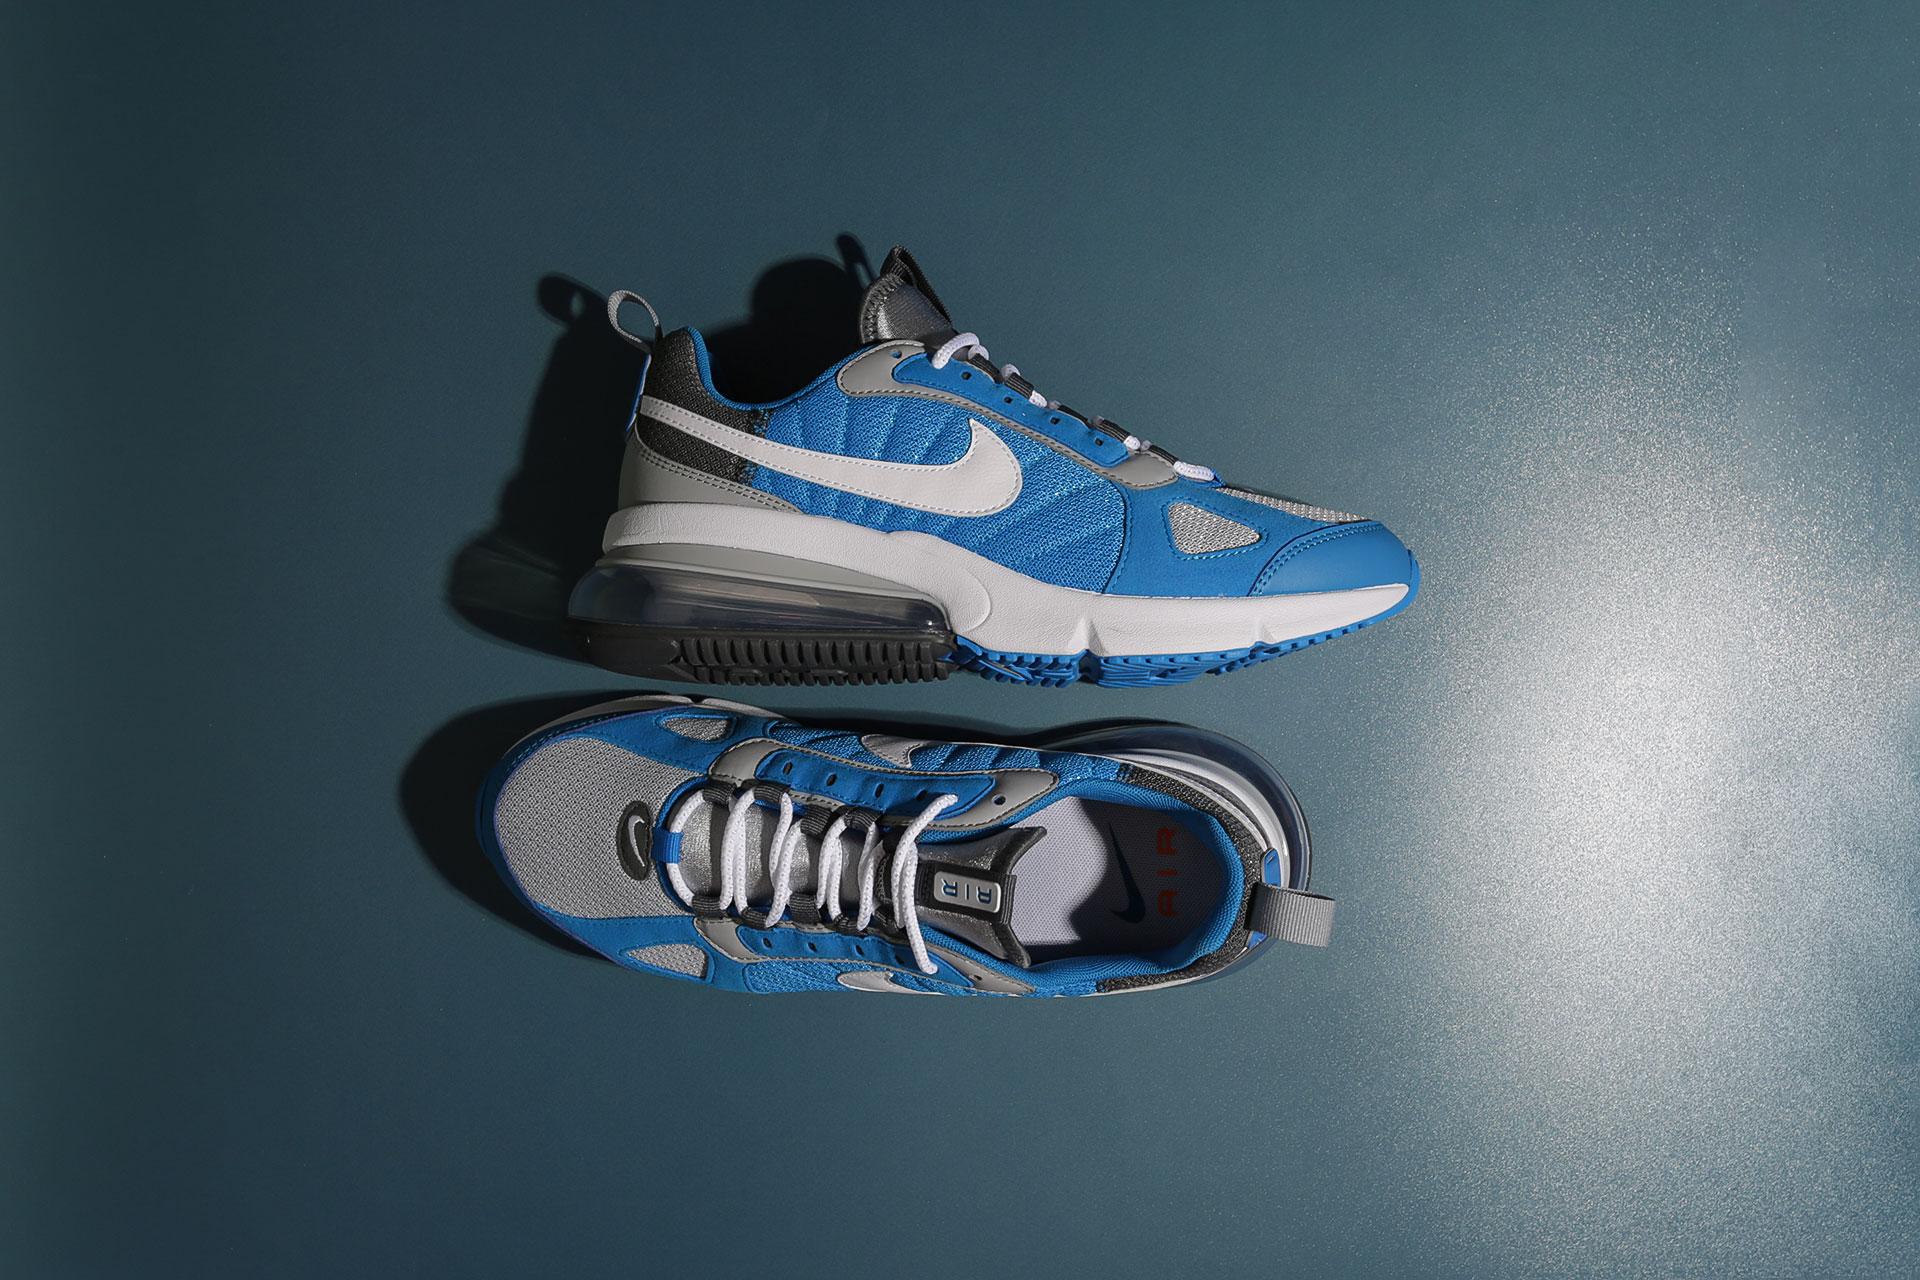 9f002fbe Купить голубые мужские кроссовки Air Max 270 Futura от Nike (AO1569 ...